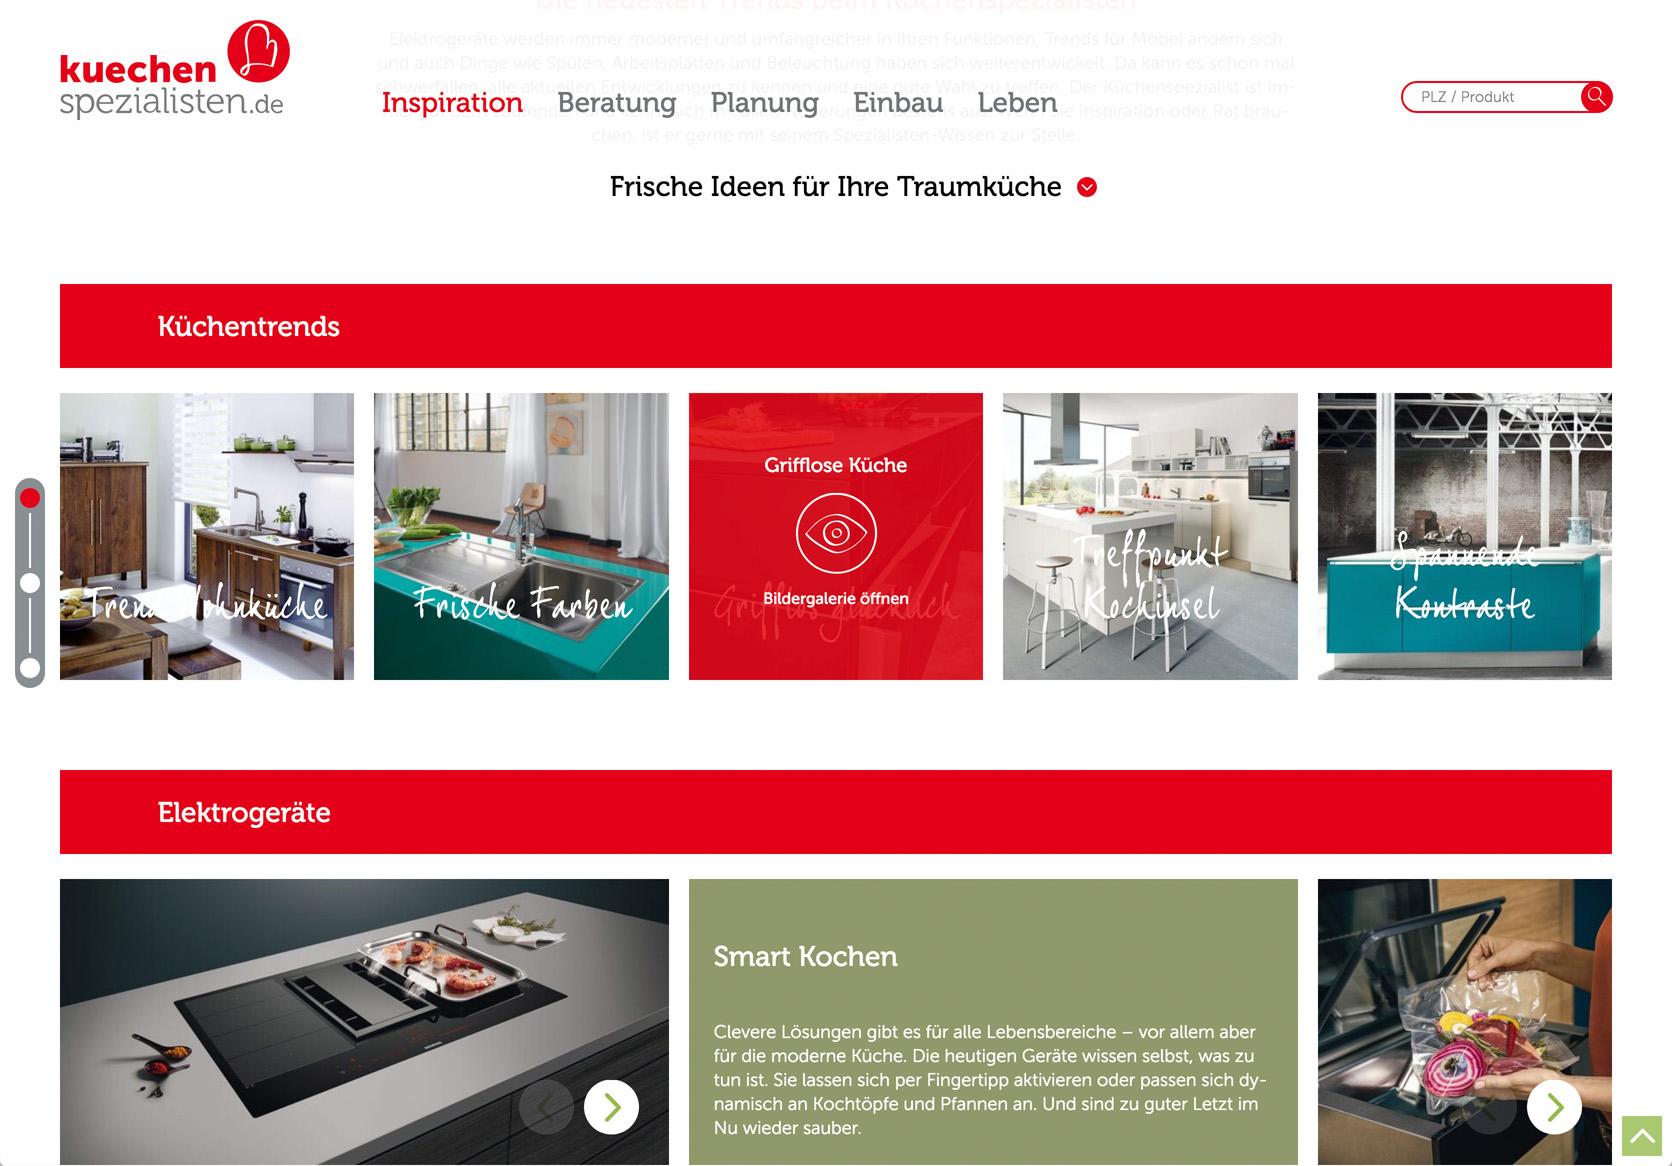 Website-Relaunch von kuechenspezialisten.de › burgdigital